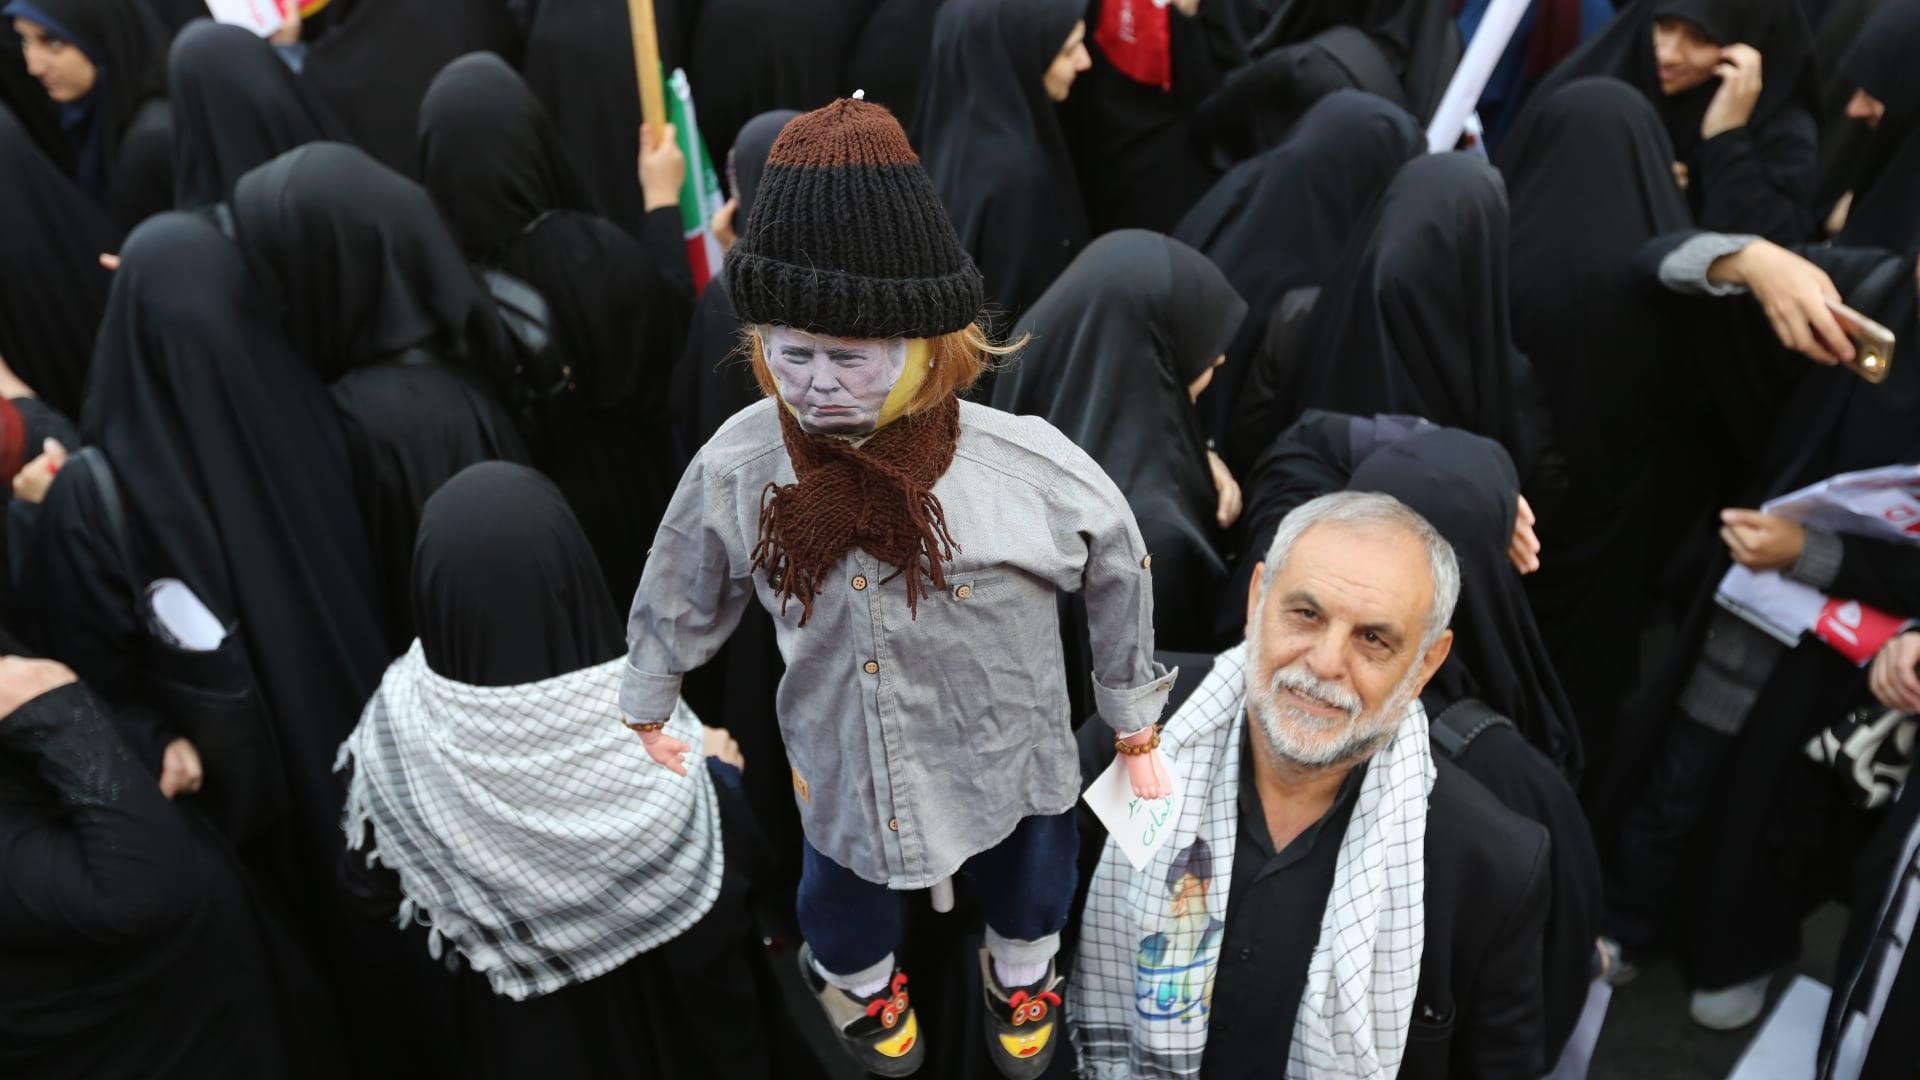 خطة إيرانية لحذف 4 أصفار من عملتها.. فماذا تعني؟